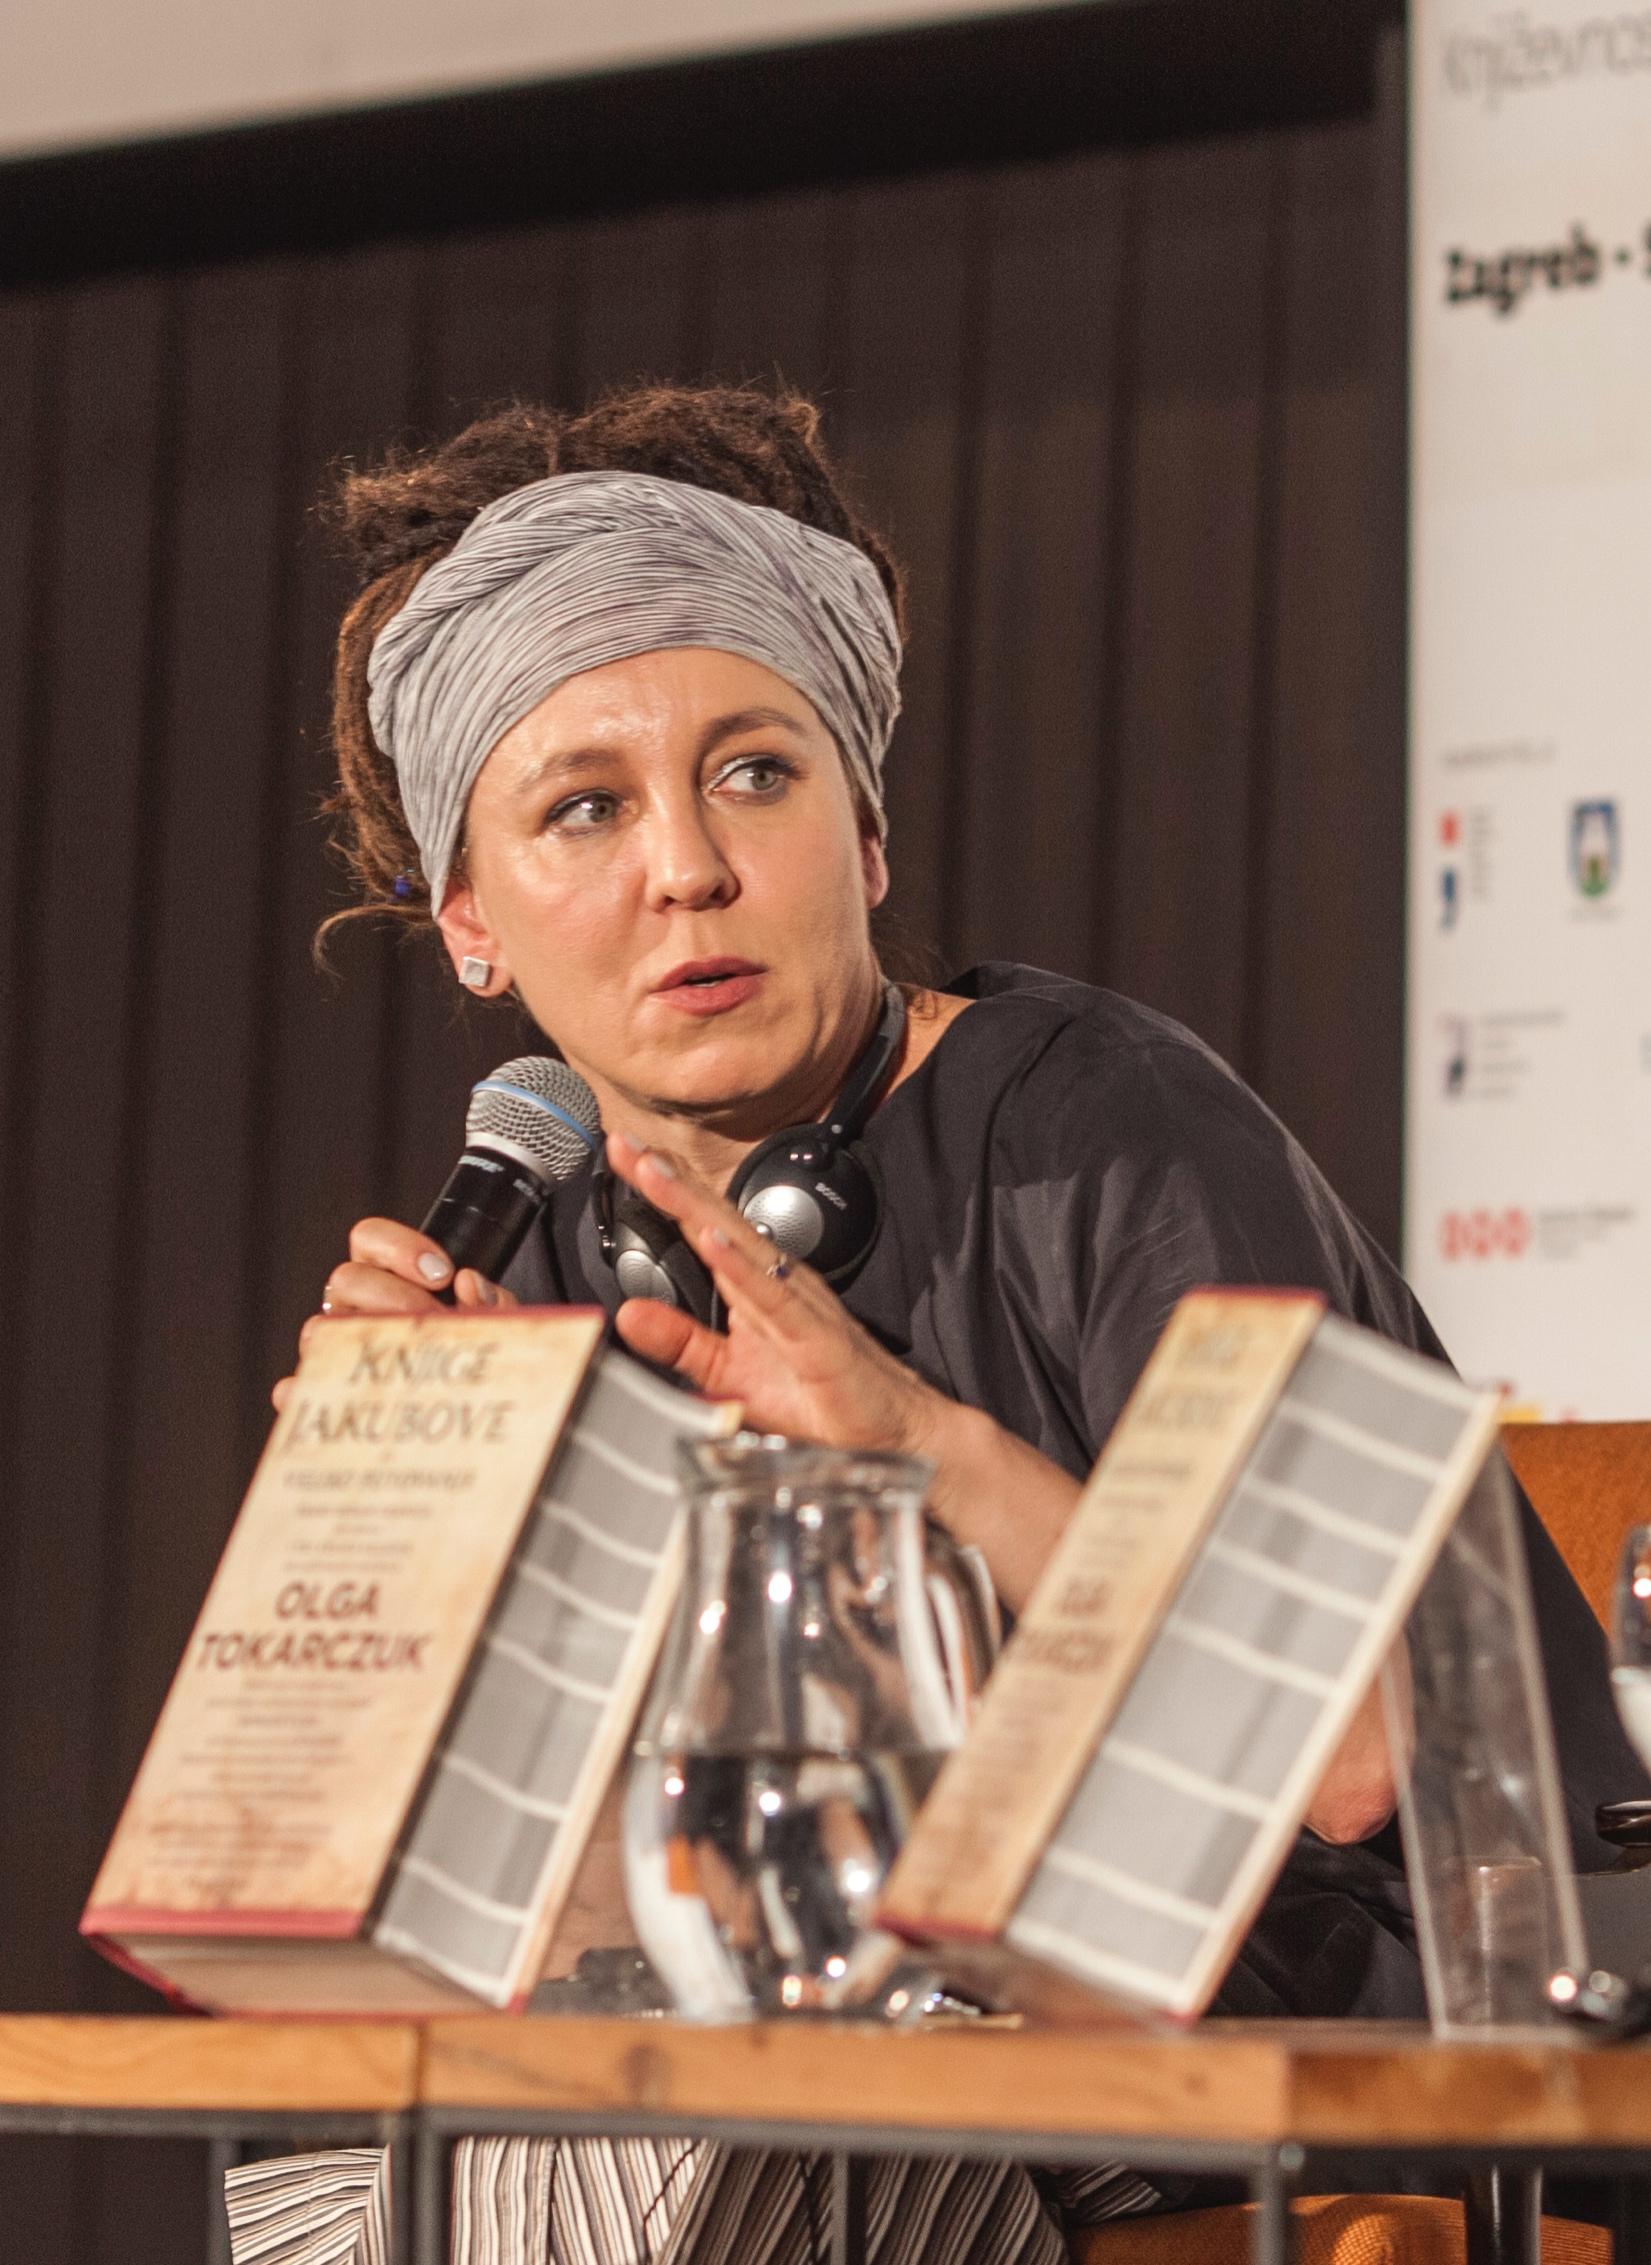 Dvije Nobelove nagrade za Frakturine autore